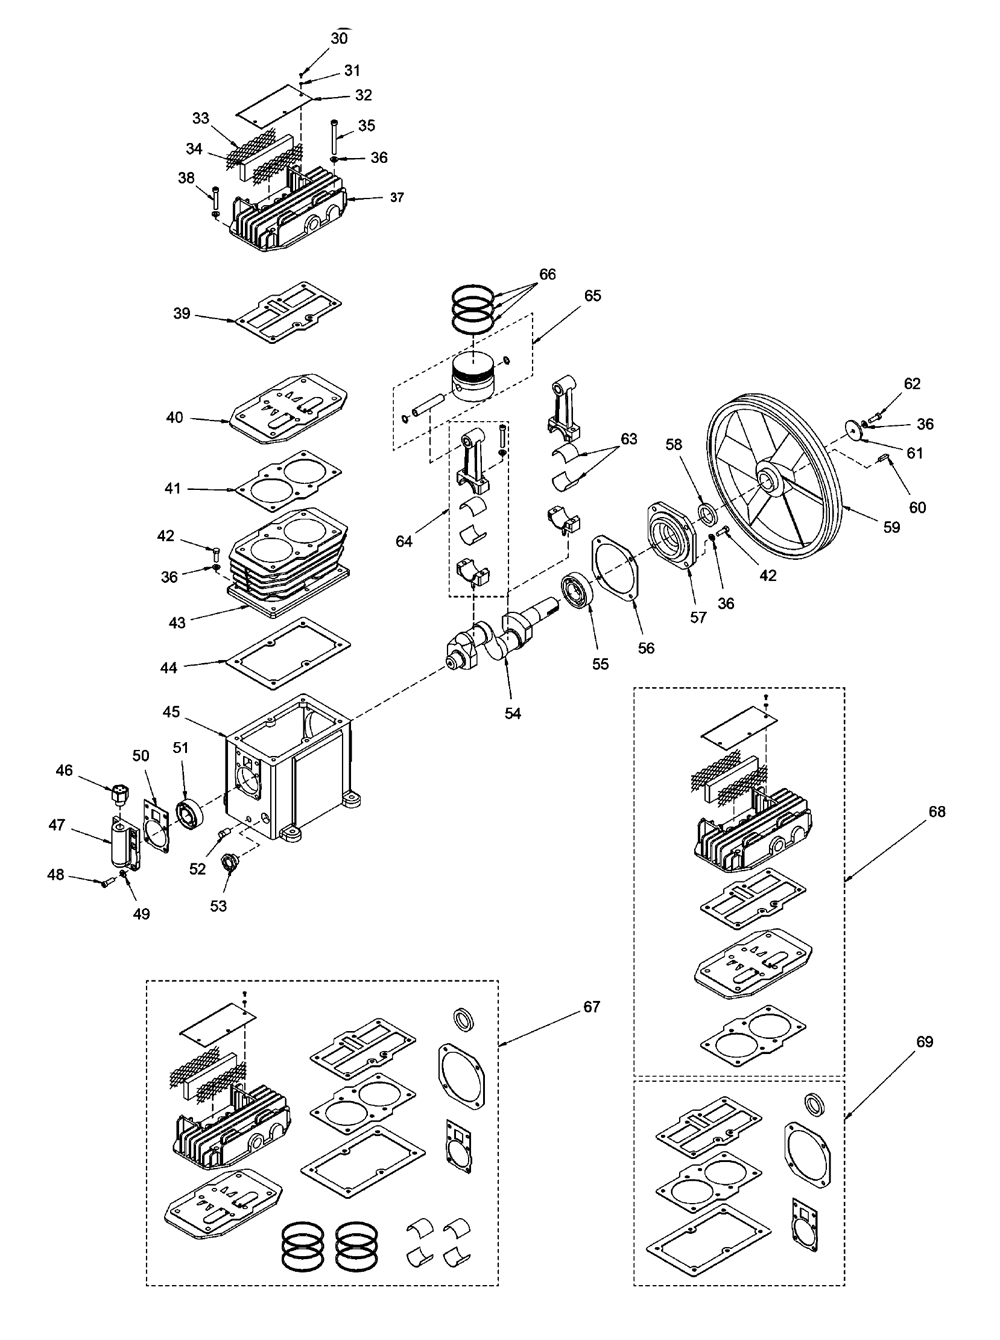 DXCMLA1983054-T1-Dewalt-PB-1Break Down